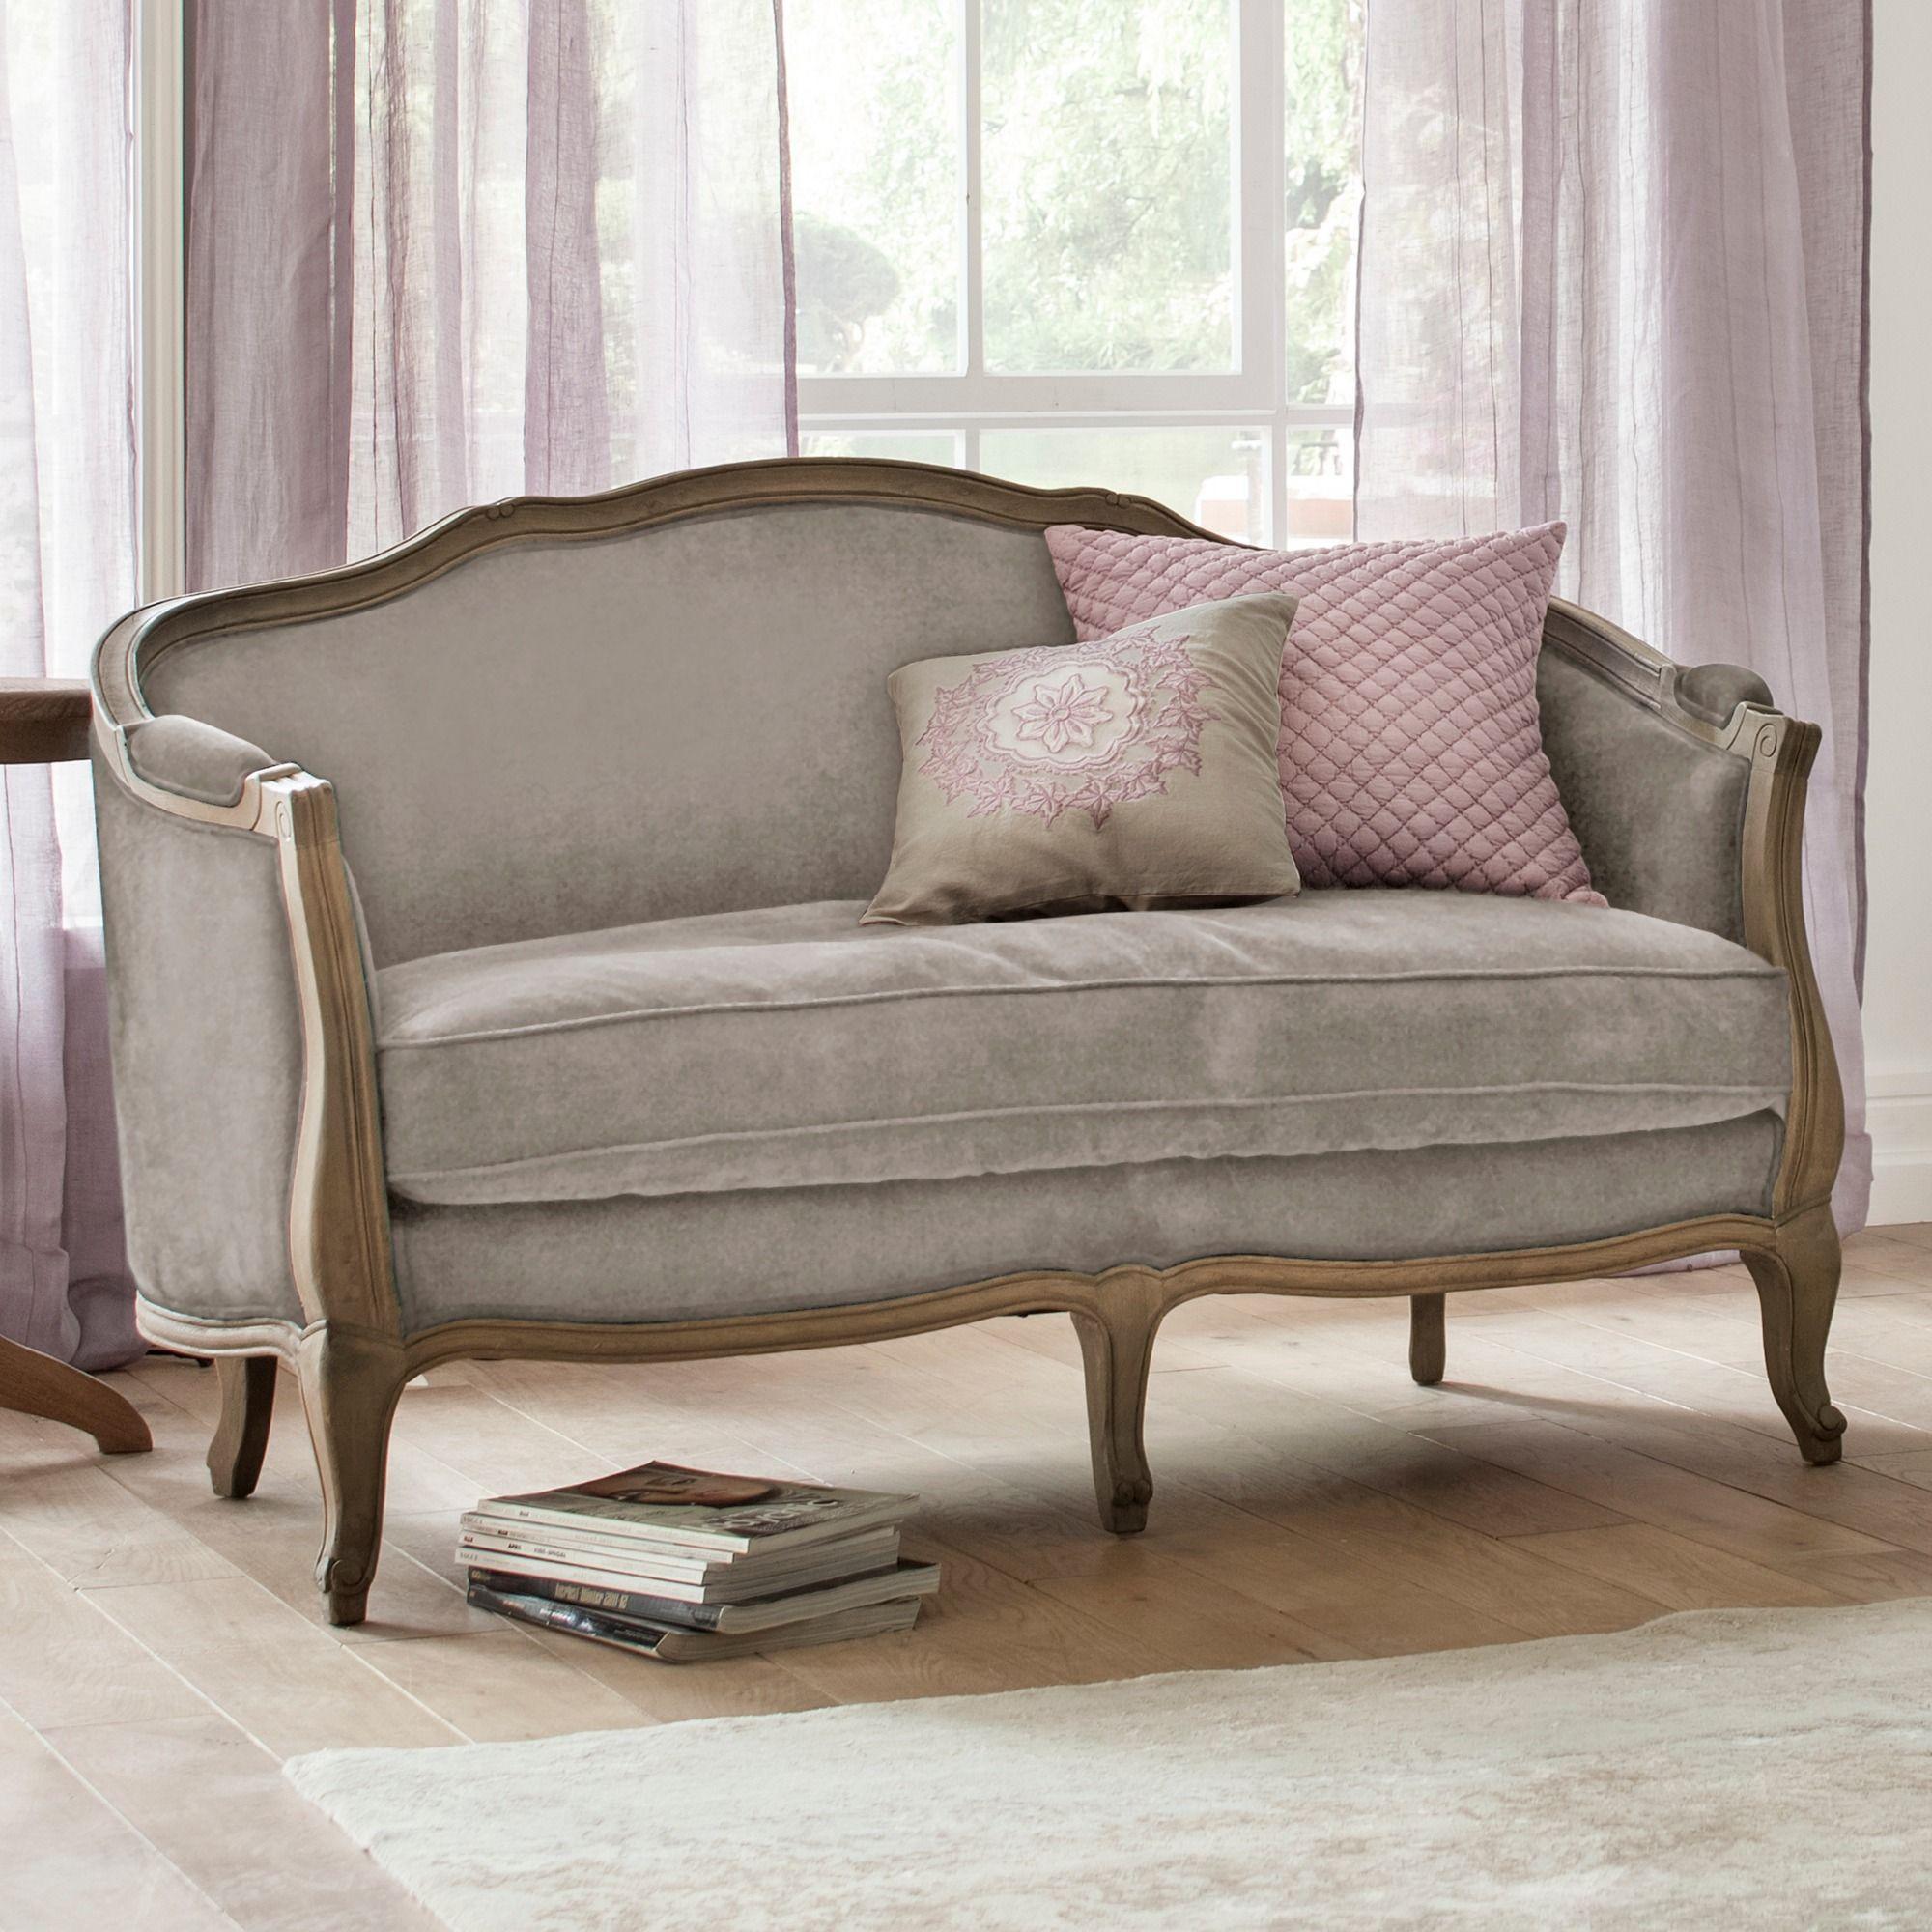 sofa conde sur noireau online kaufen mirabeau interior design landhausstil haus stile